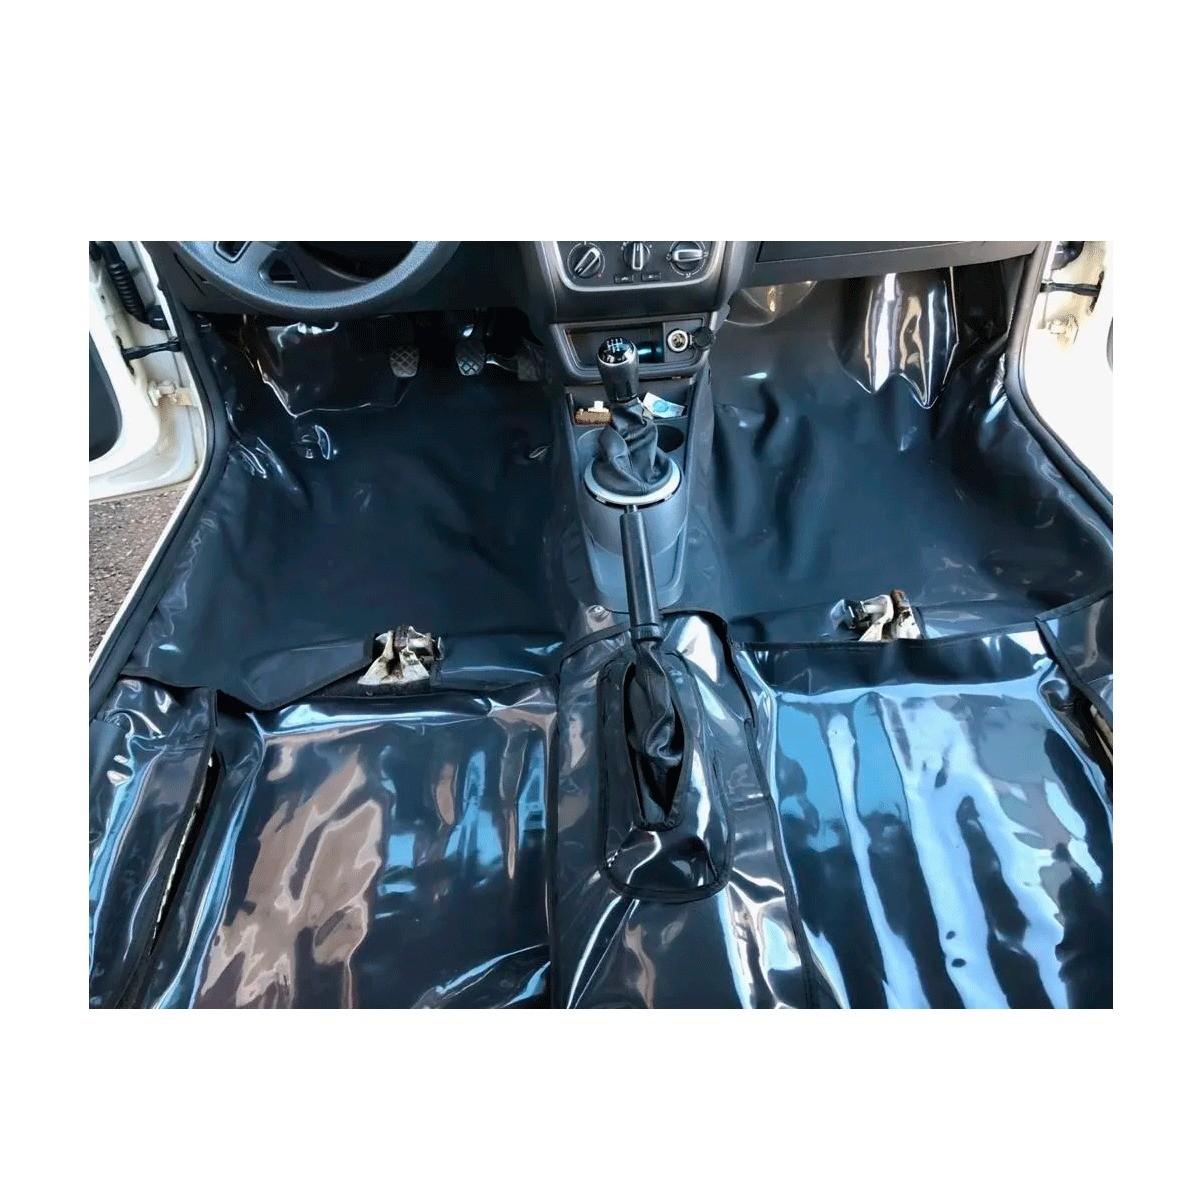 Tapete Proteção Assoalho da Ford Fiesta 2005 a 2014 em Vinil Verniz Impermeável